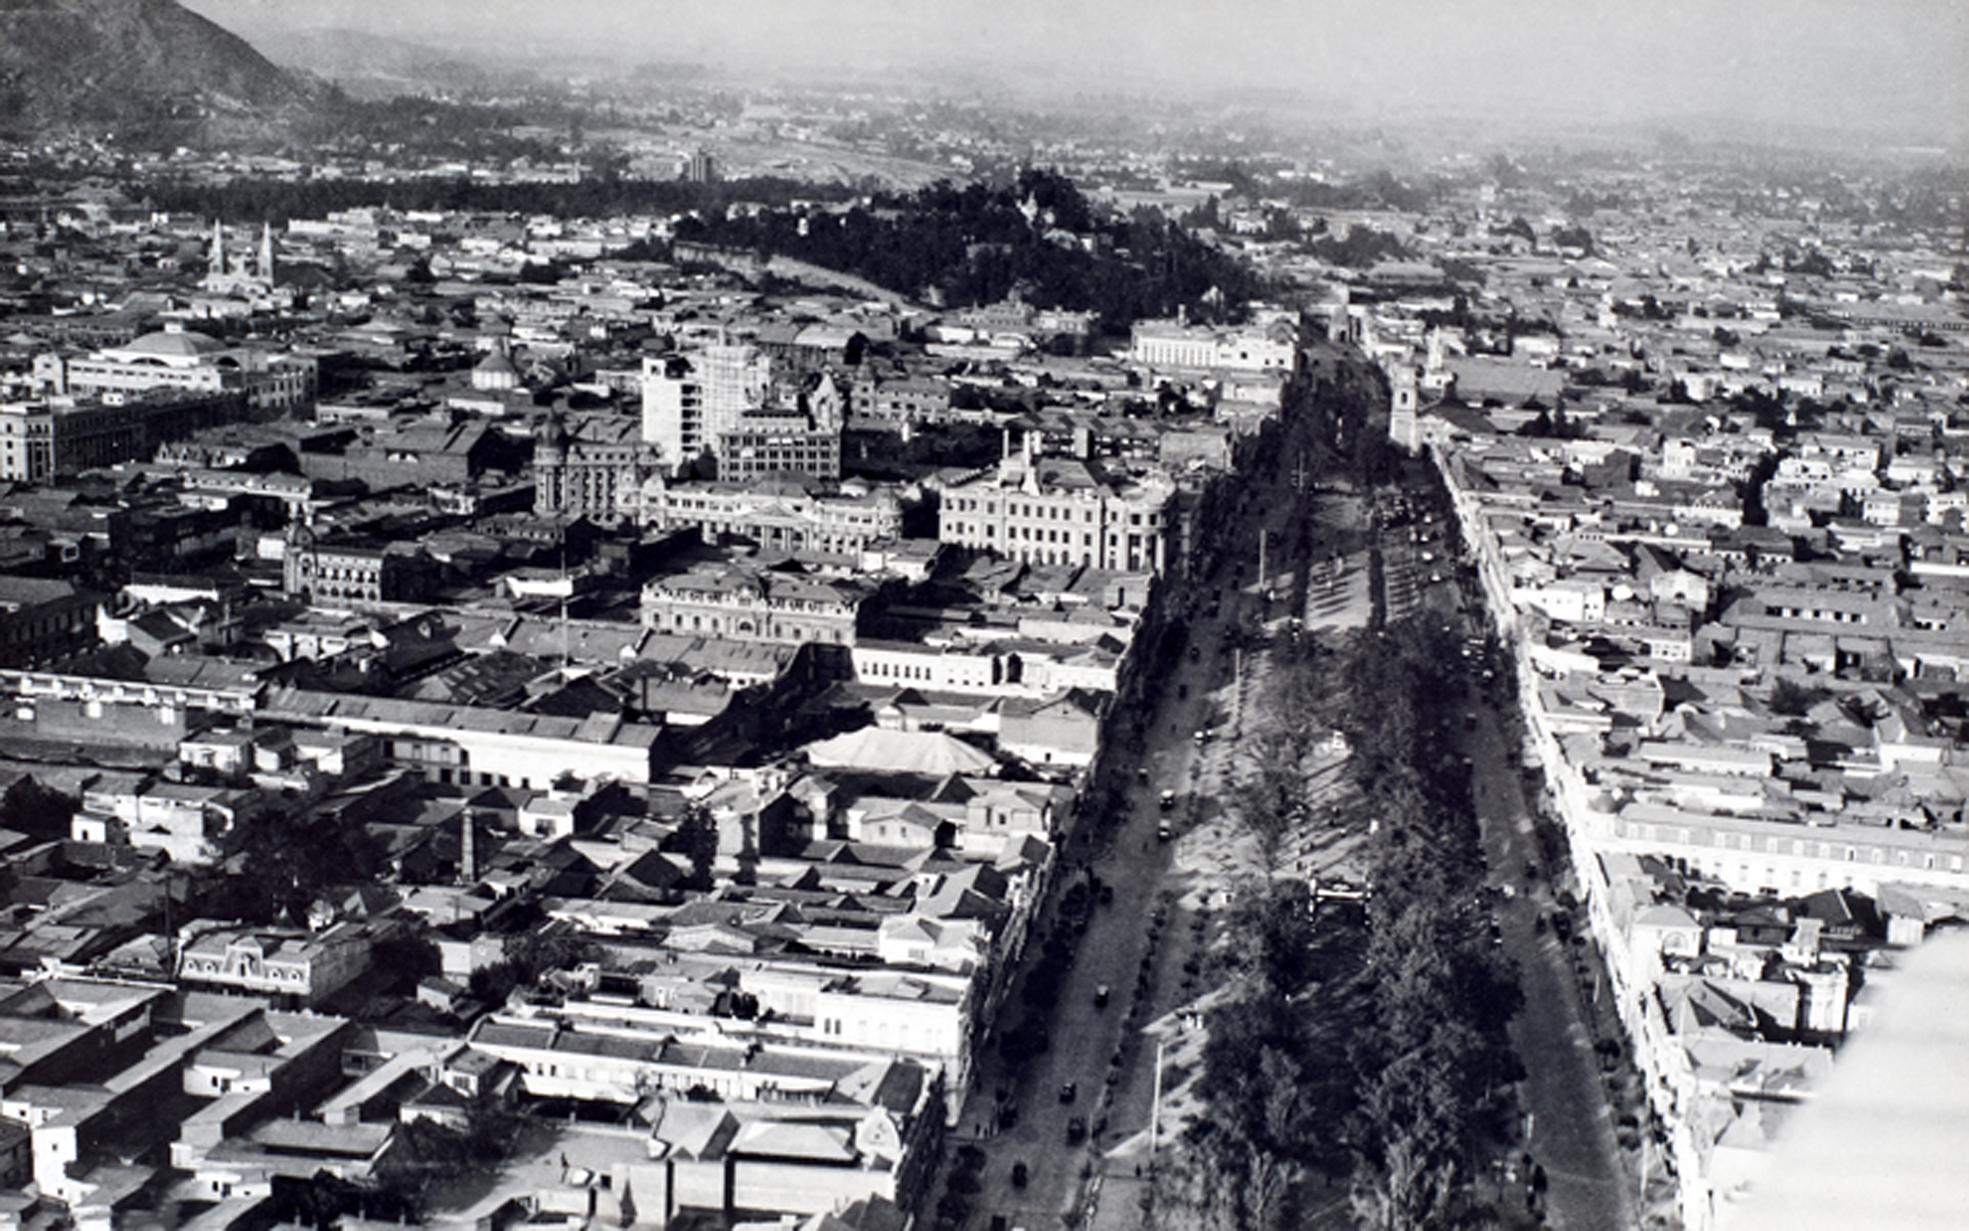 Enterreno - Fotos históricas de chile - fotos antiguas de Chile - Alameda desde el aire en 1929